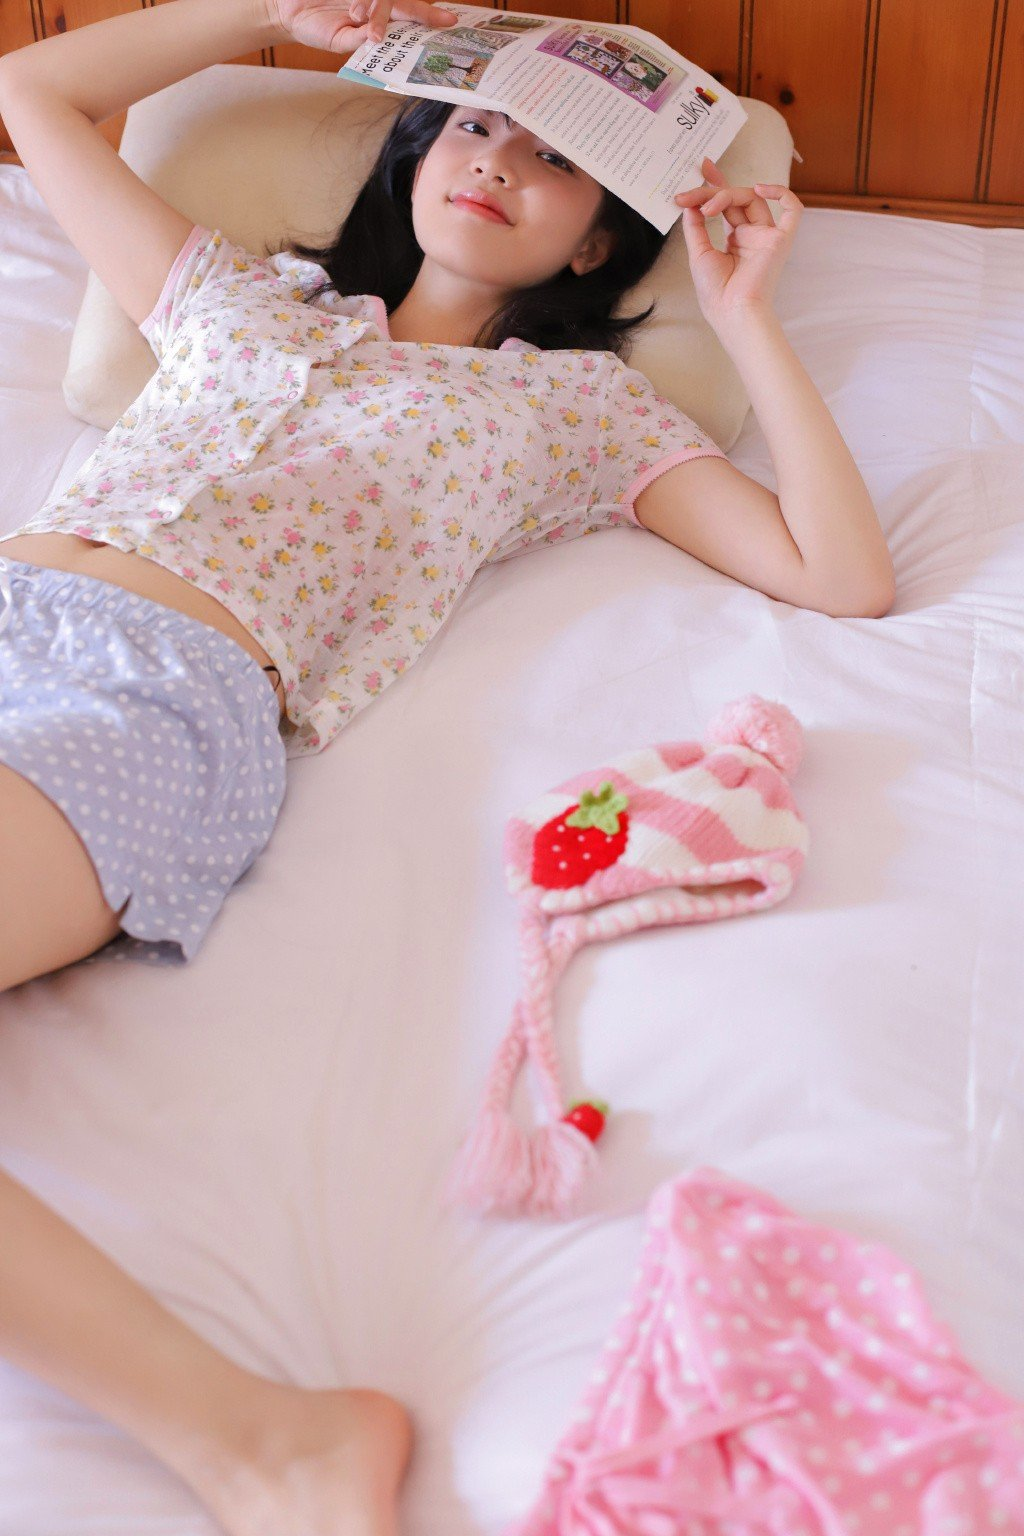 轻熟少女美女模特细长美腿甜美写真